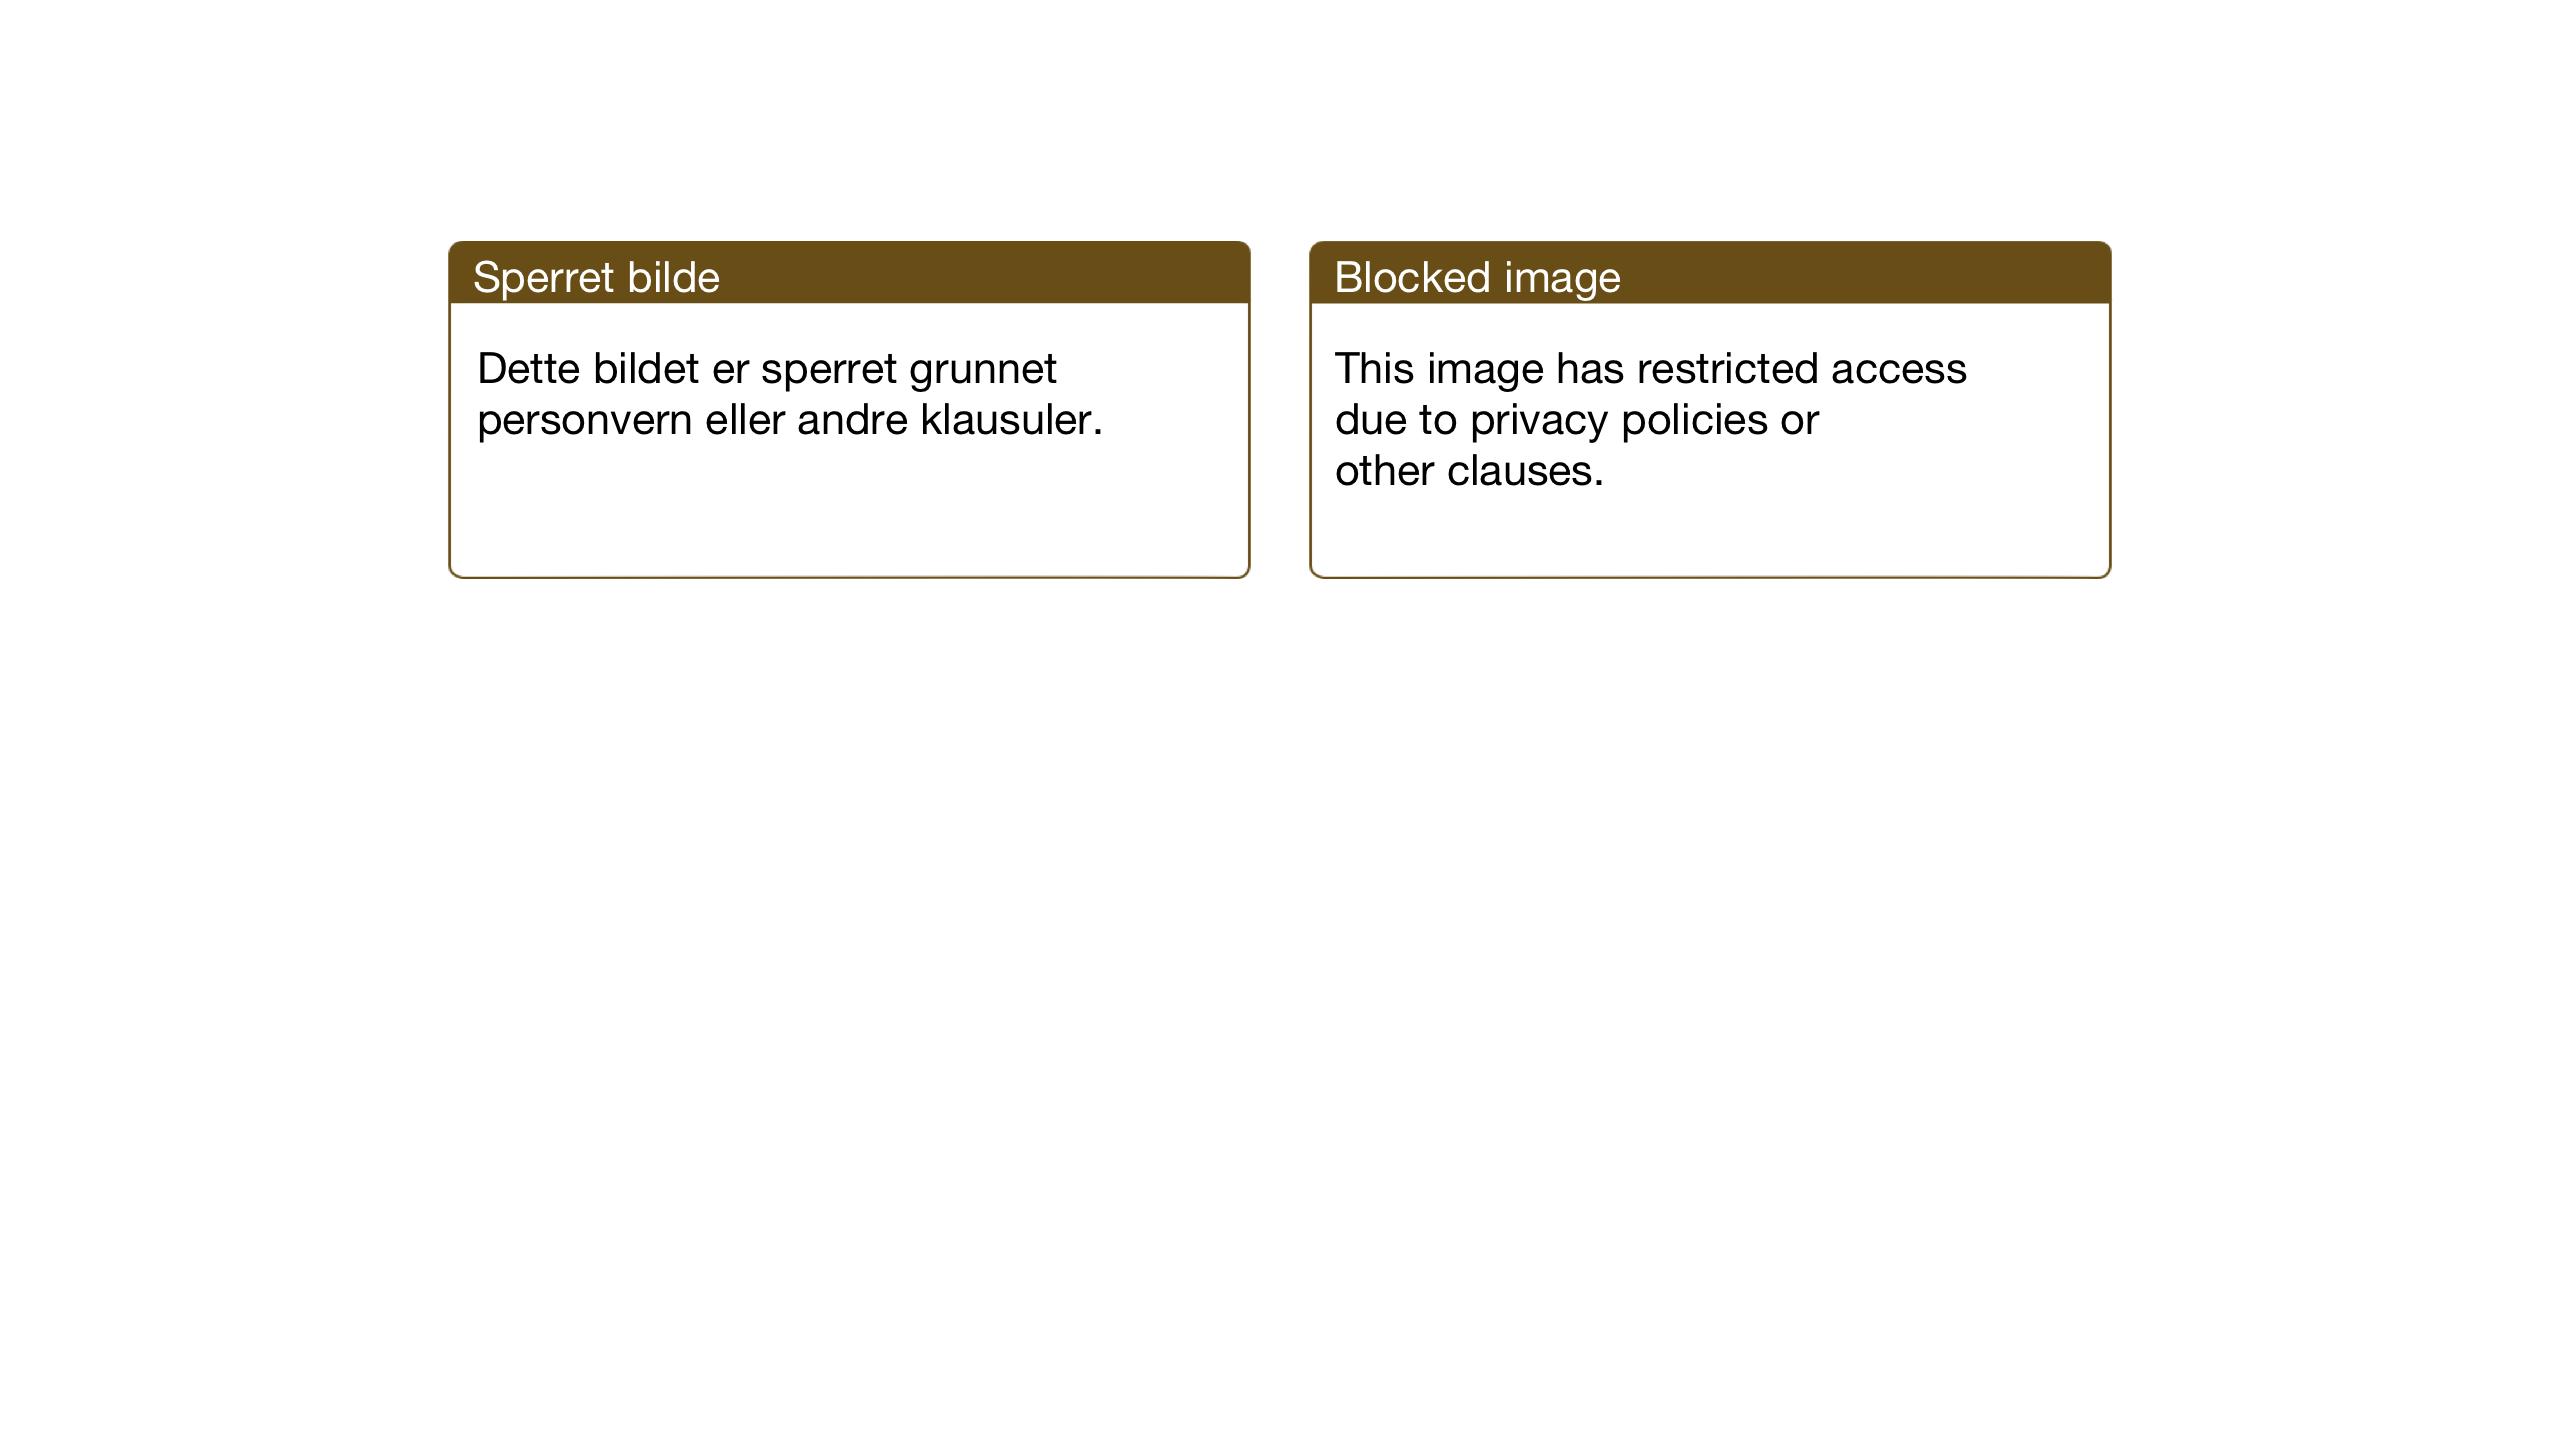 SAT, Ministerialprotokoller, klokkerbøker og fødselsregistre - Sør-Trøndelag, 682/L0947: Klokkerbok nr. 682C01, 1926-1968, s. 95